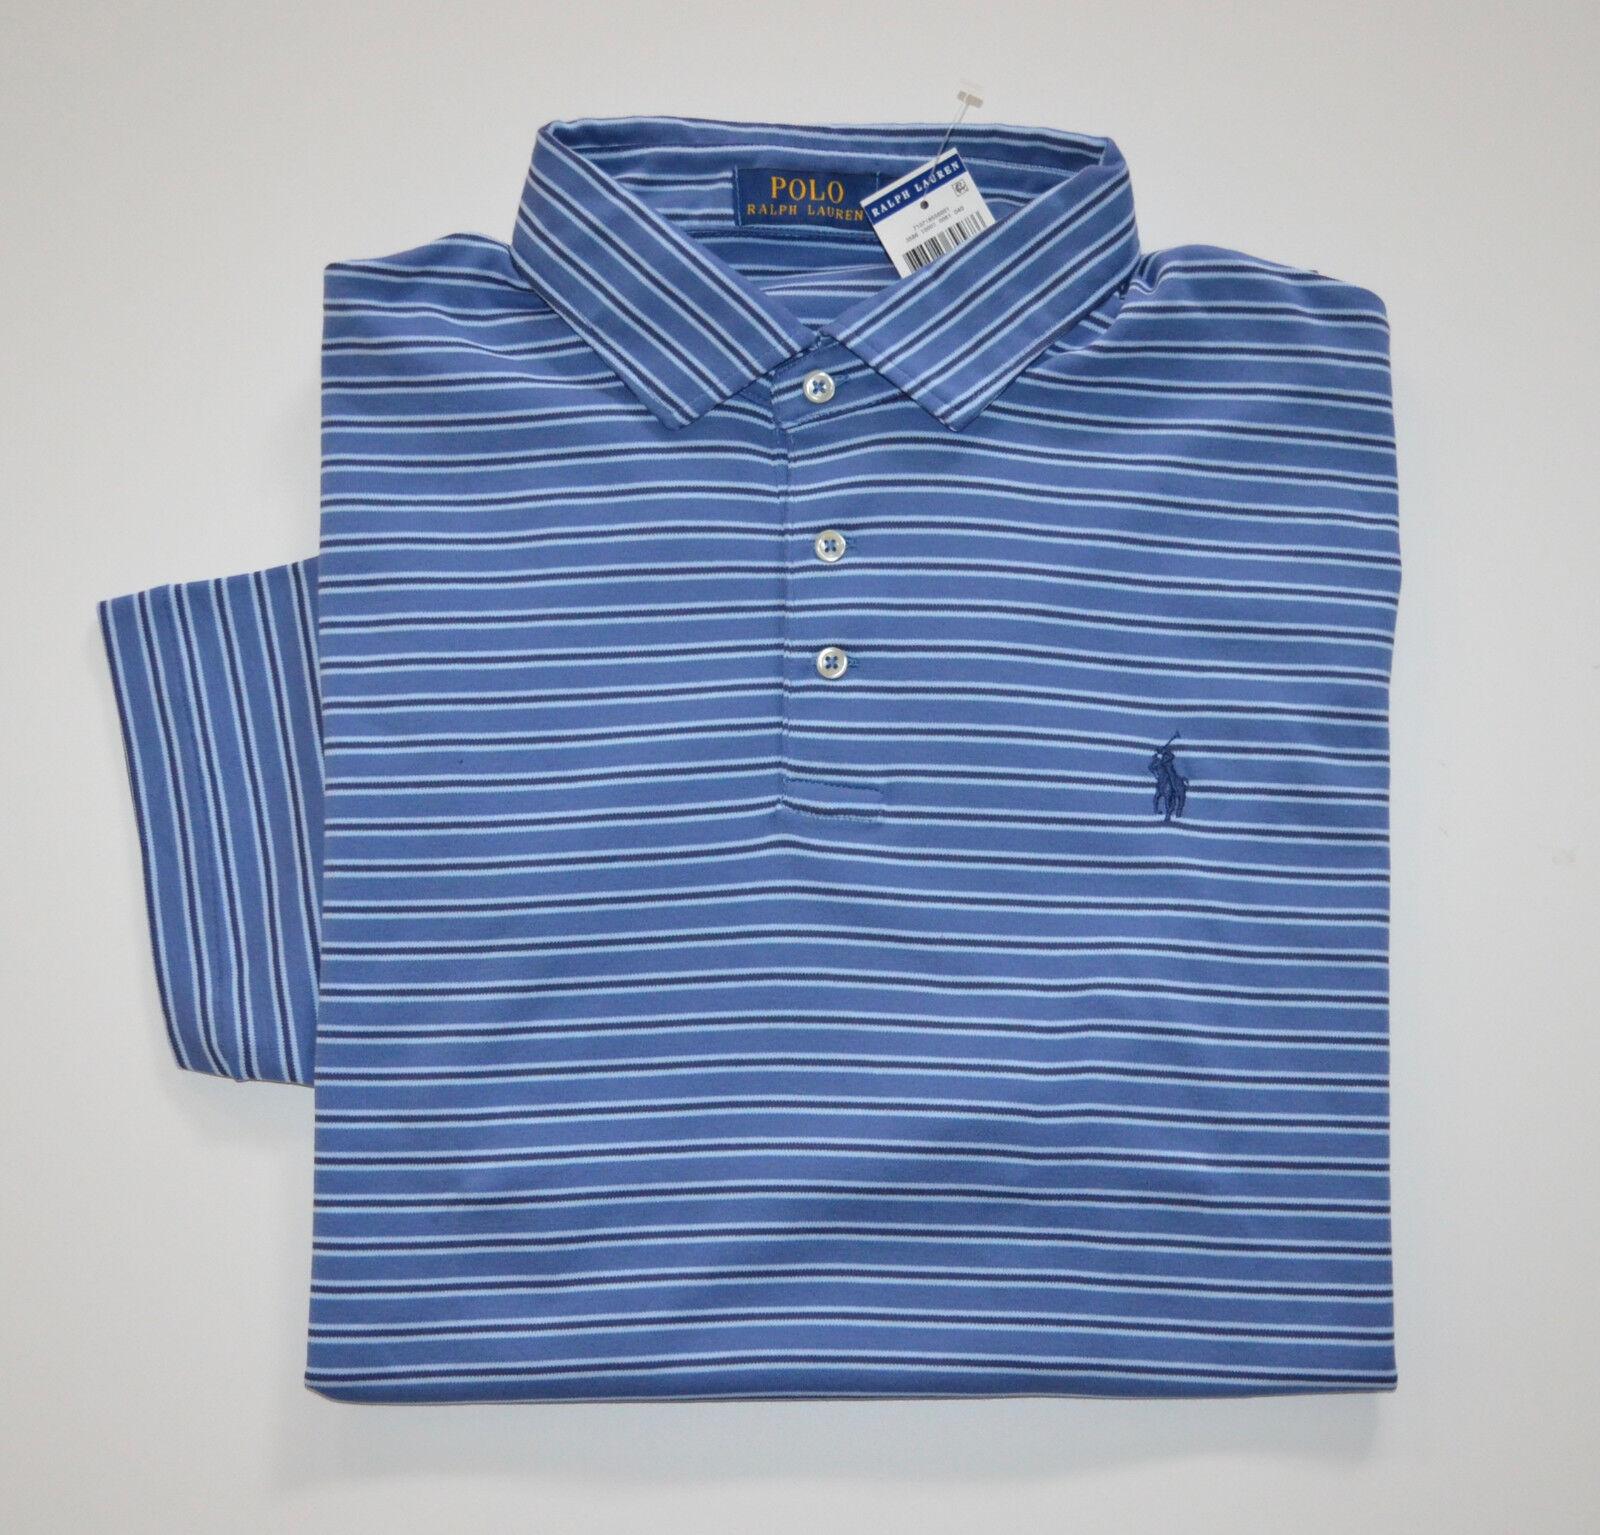 NWT Men's Ralph Lauren Short-Sleeve Jersey Polo Shirt Regular Fit bluee XL